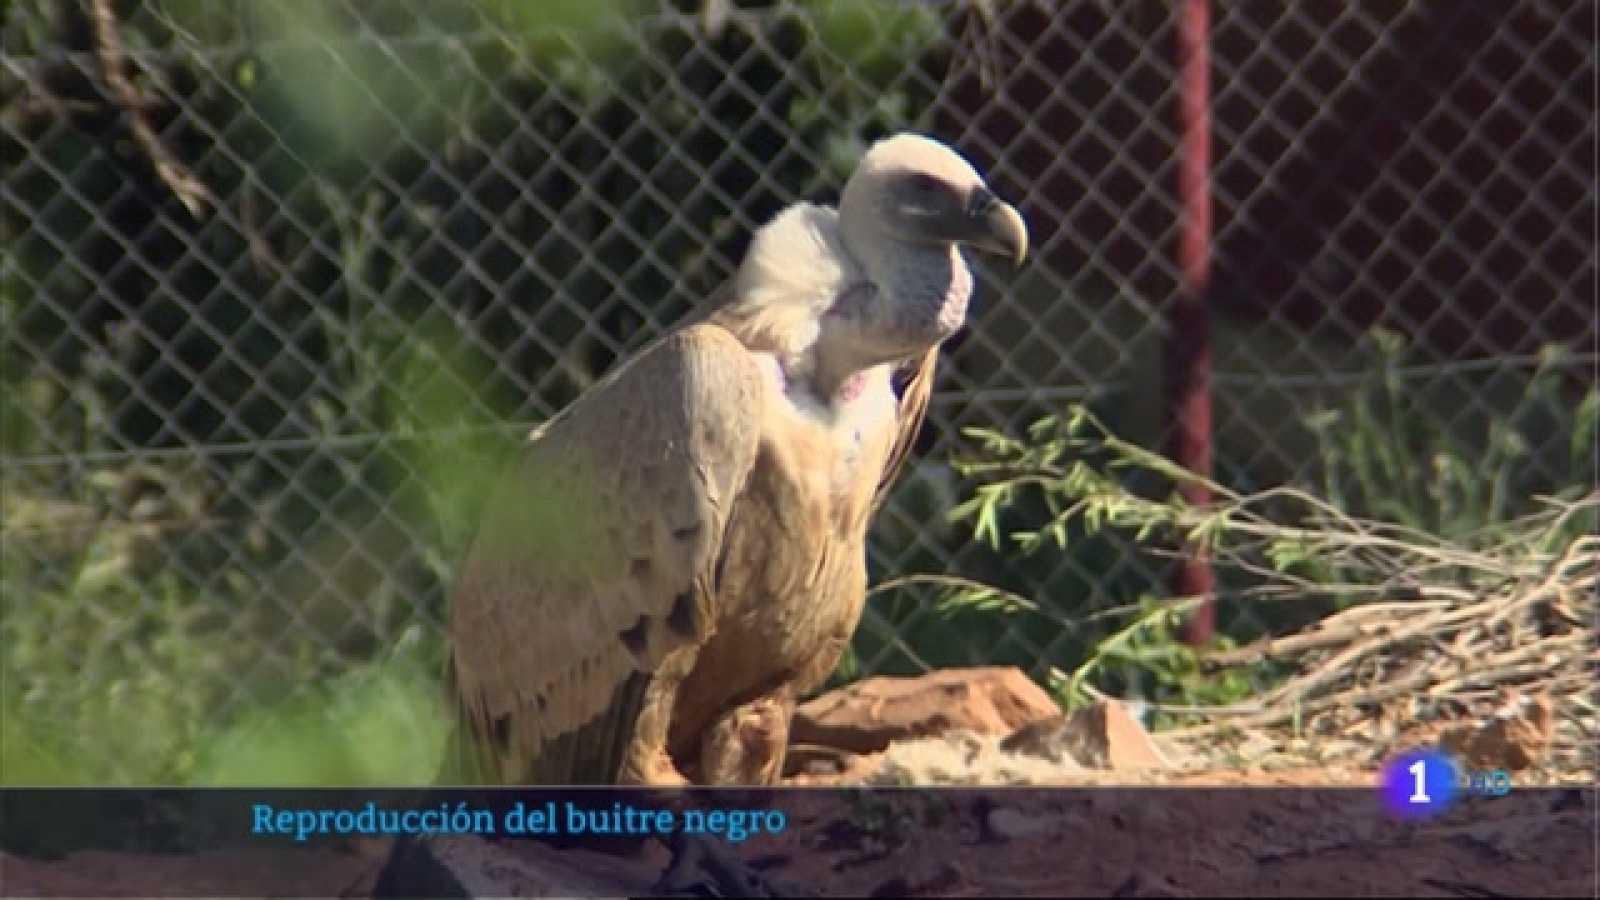 Reproducción del buitre negro en Villafranca de los Barros - 06/05/2021